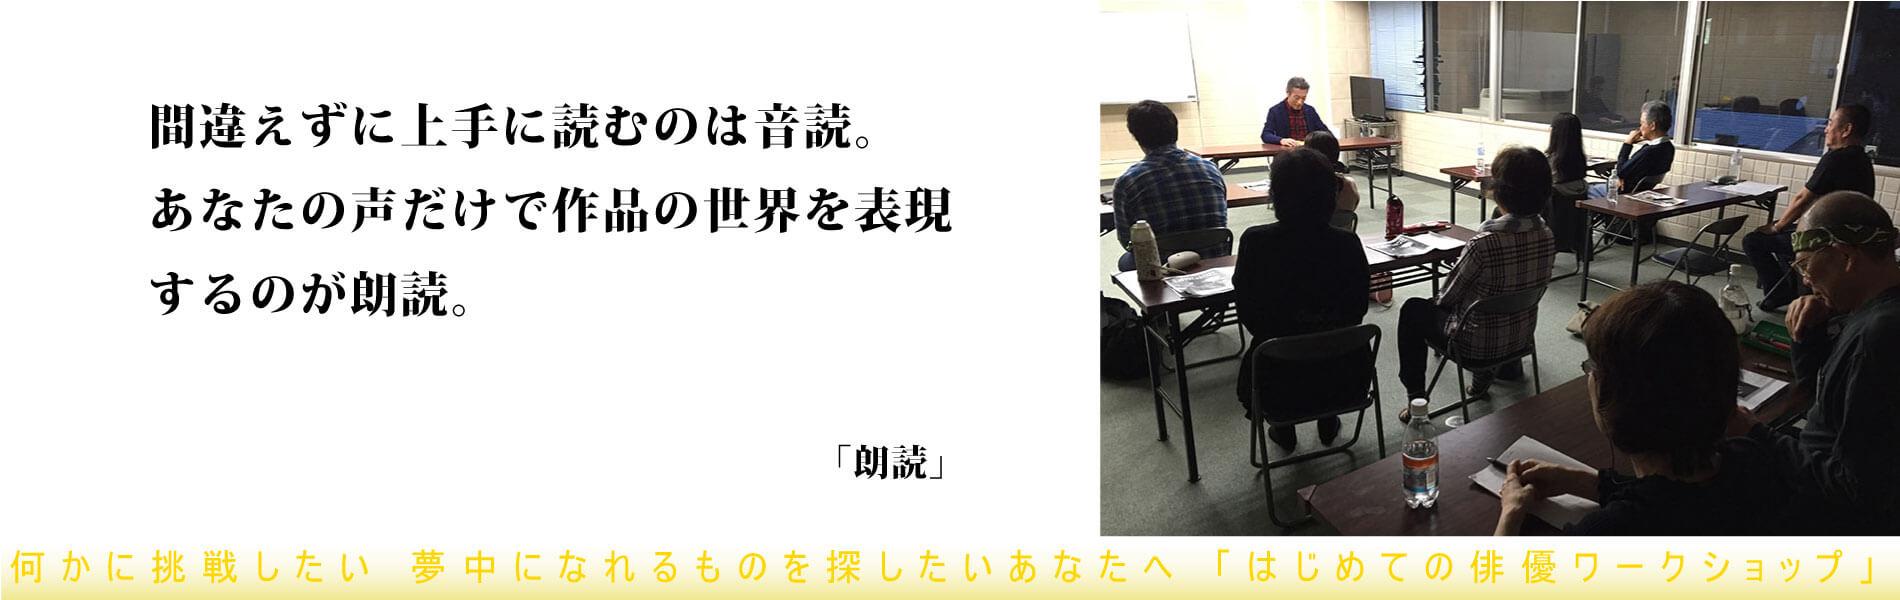 朗読している男性と見ている研究生の写真。間違えずに上手に読むのは音読。あなたの声だけで作品の世界を表現するのが朗読。という文字。